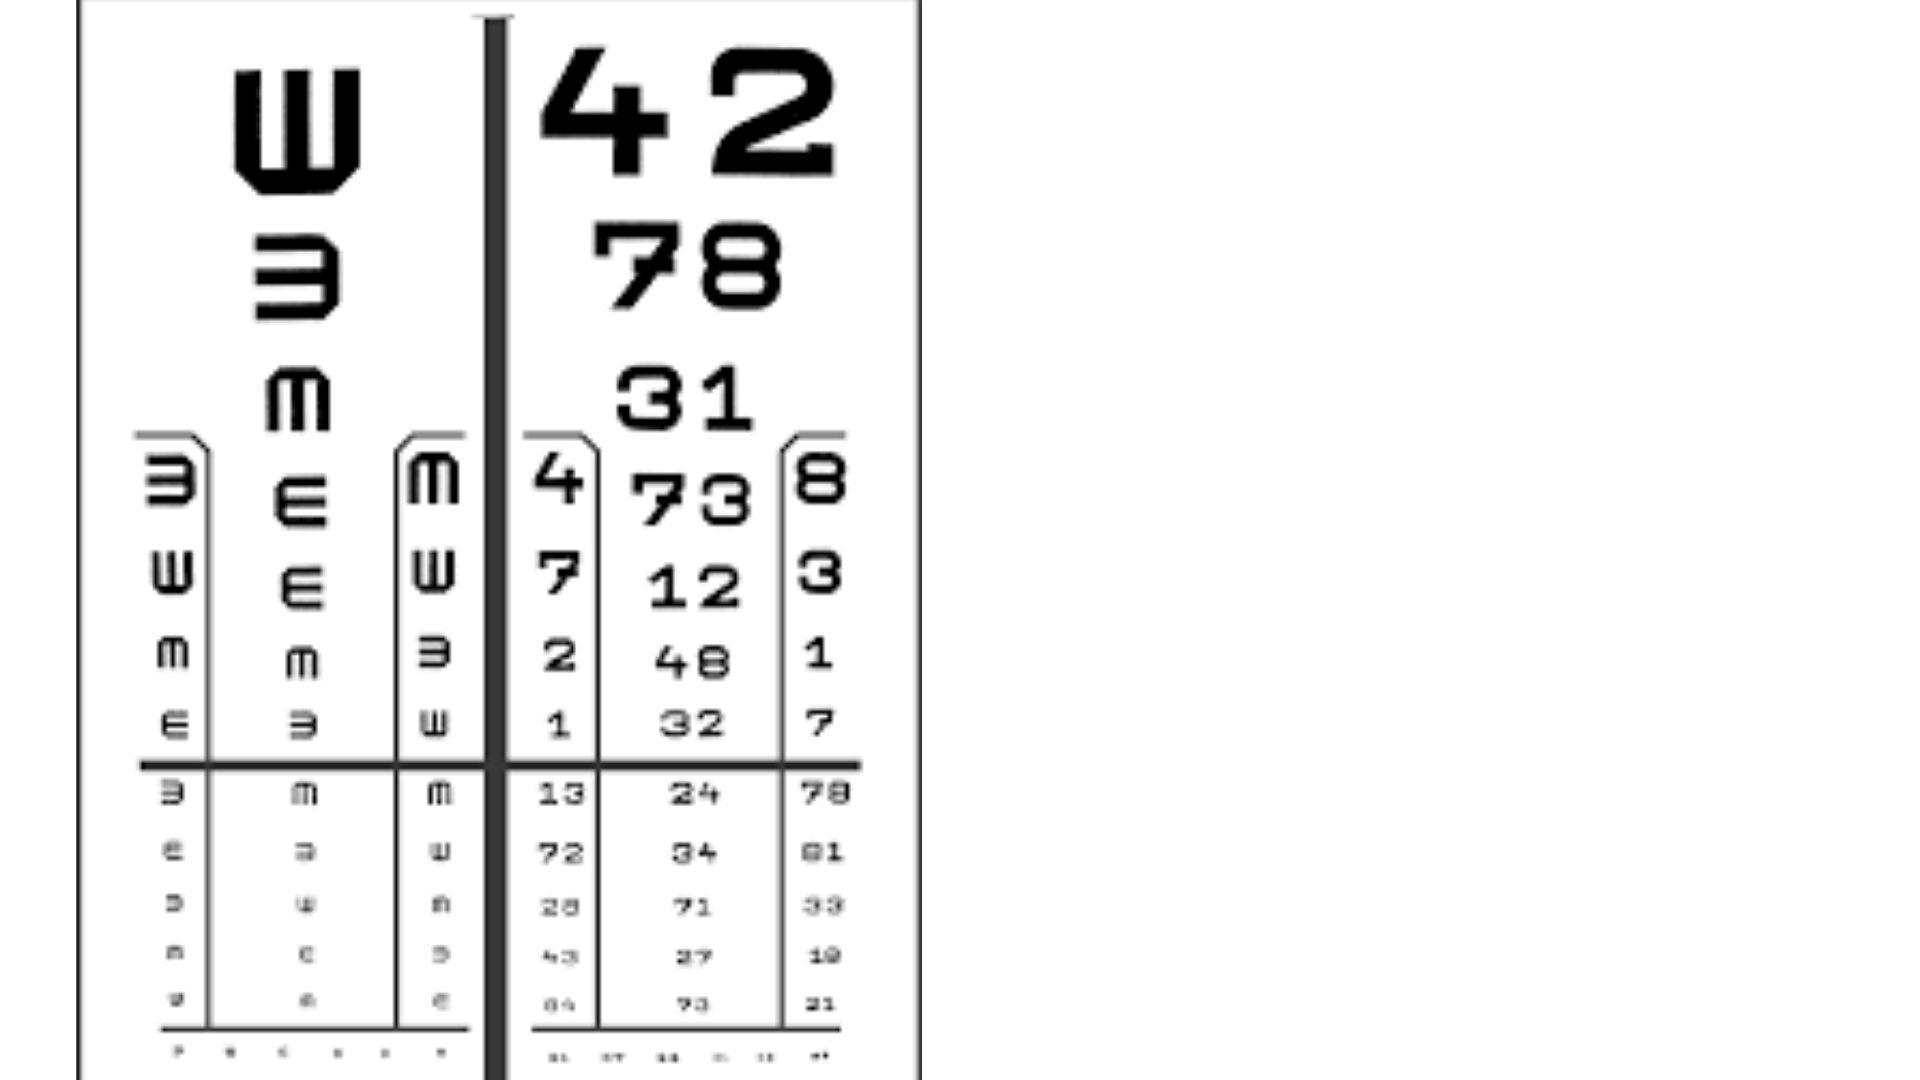 látásvizsgálat a rövidlátás szempontjából homályos látáskörök a szemekben